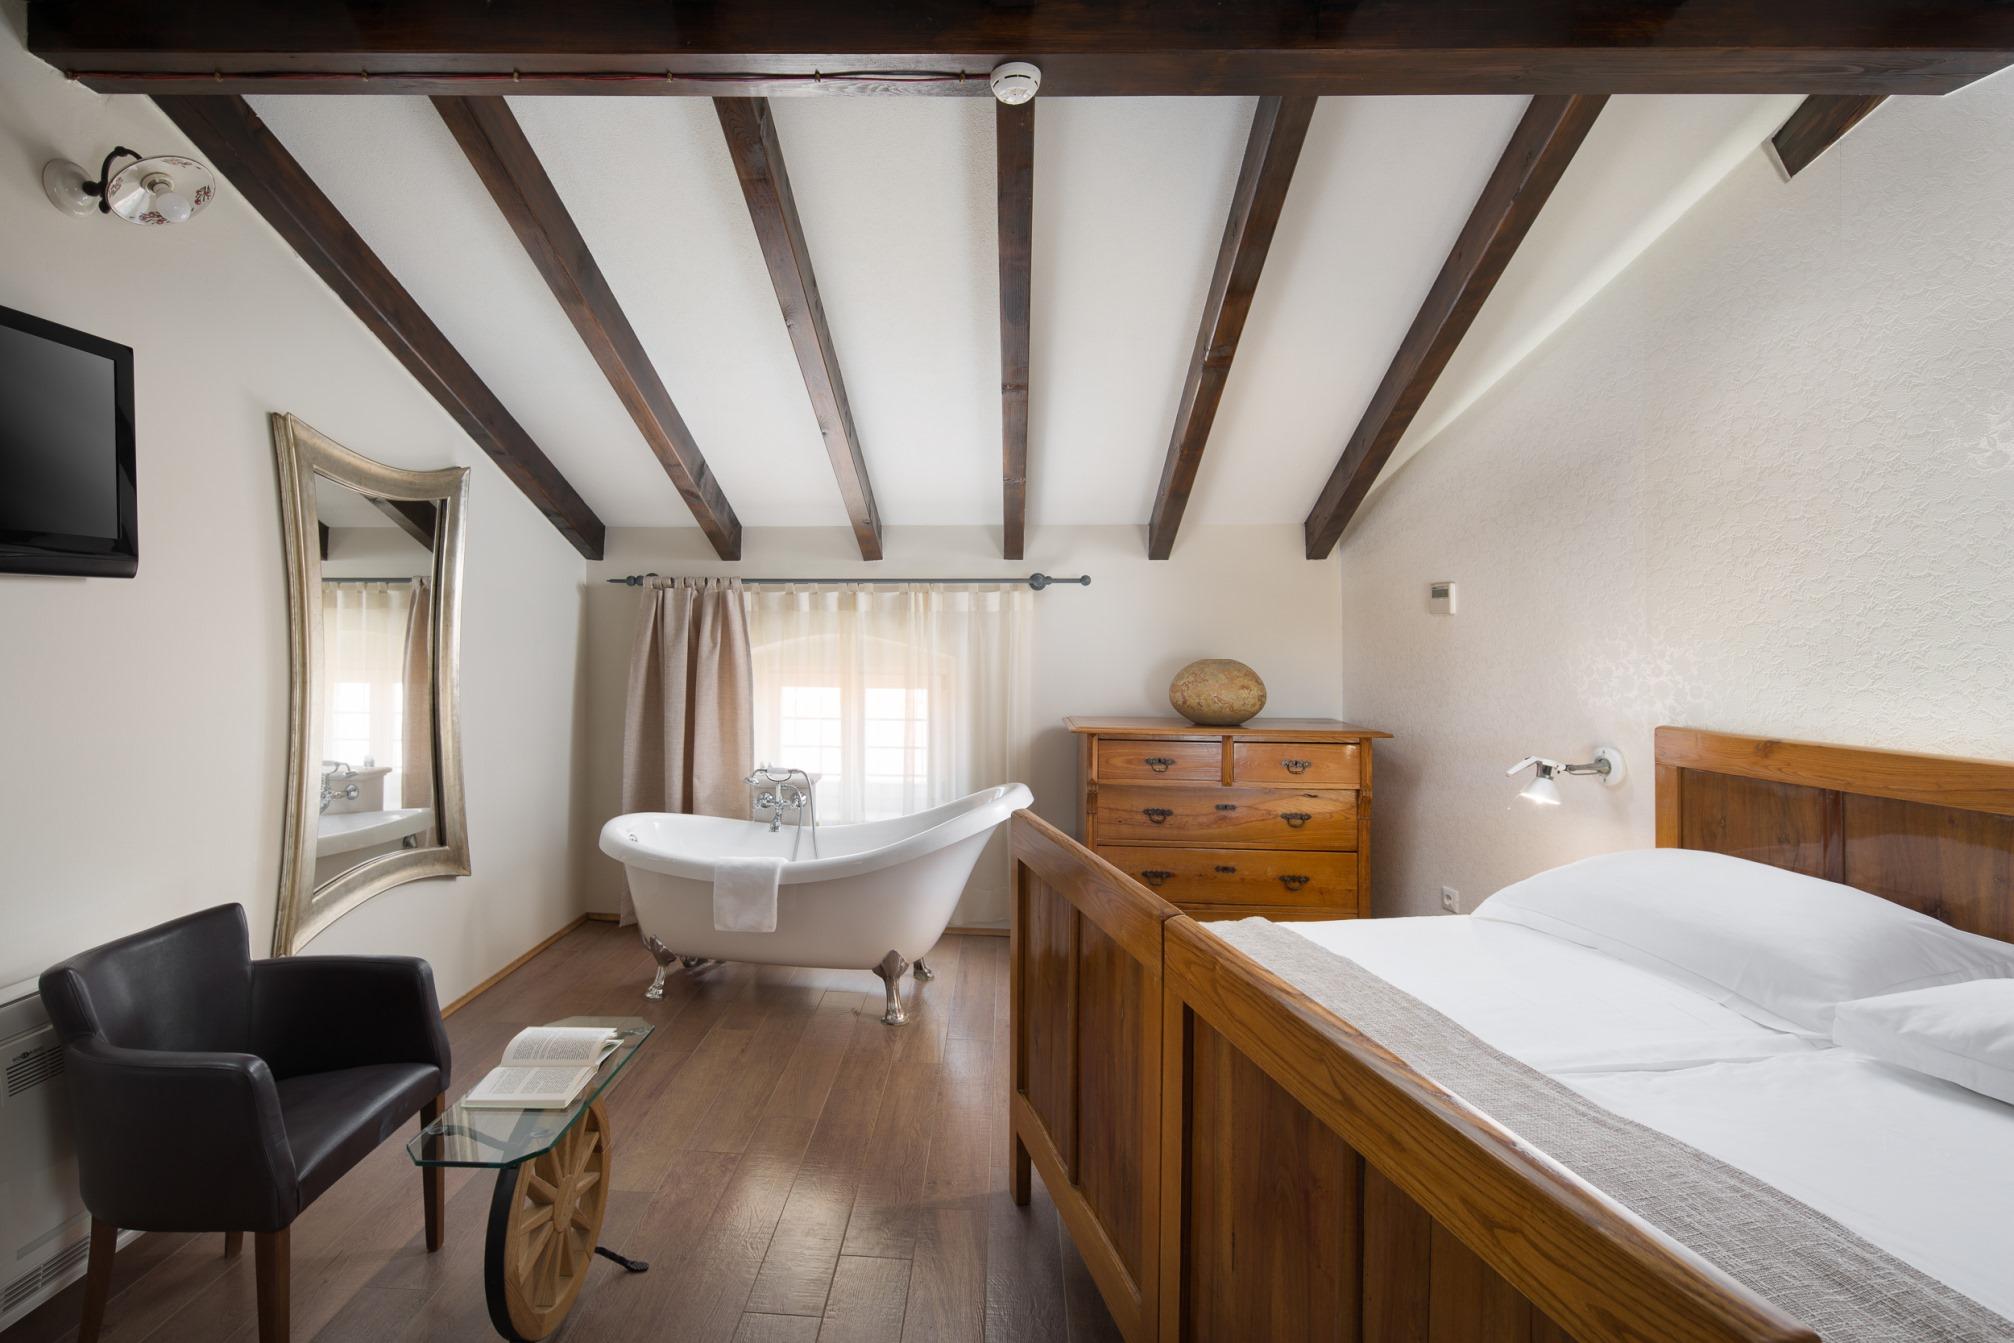 La Grisa: grad-hotel u kojem ćete doživjeti dušu Istre